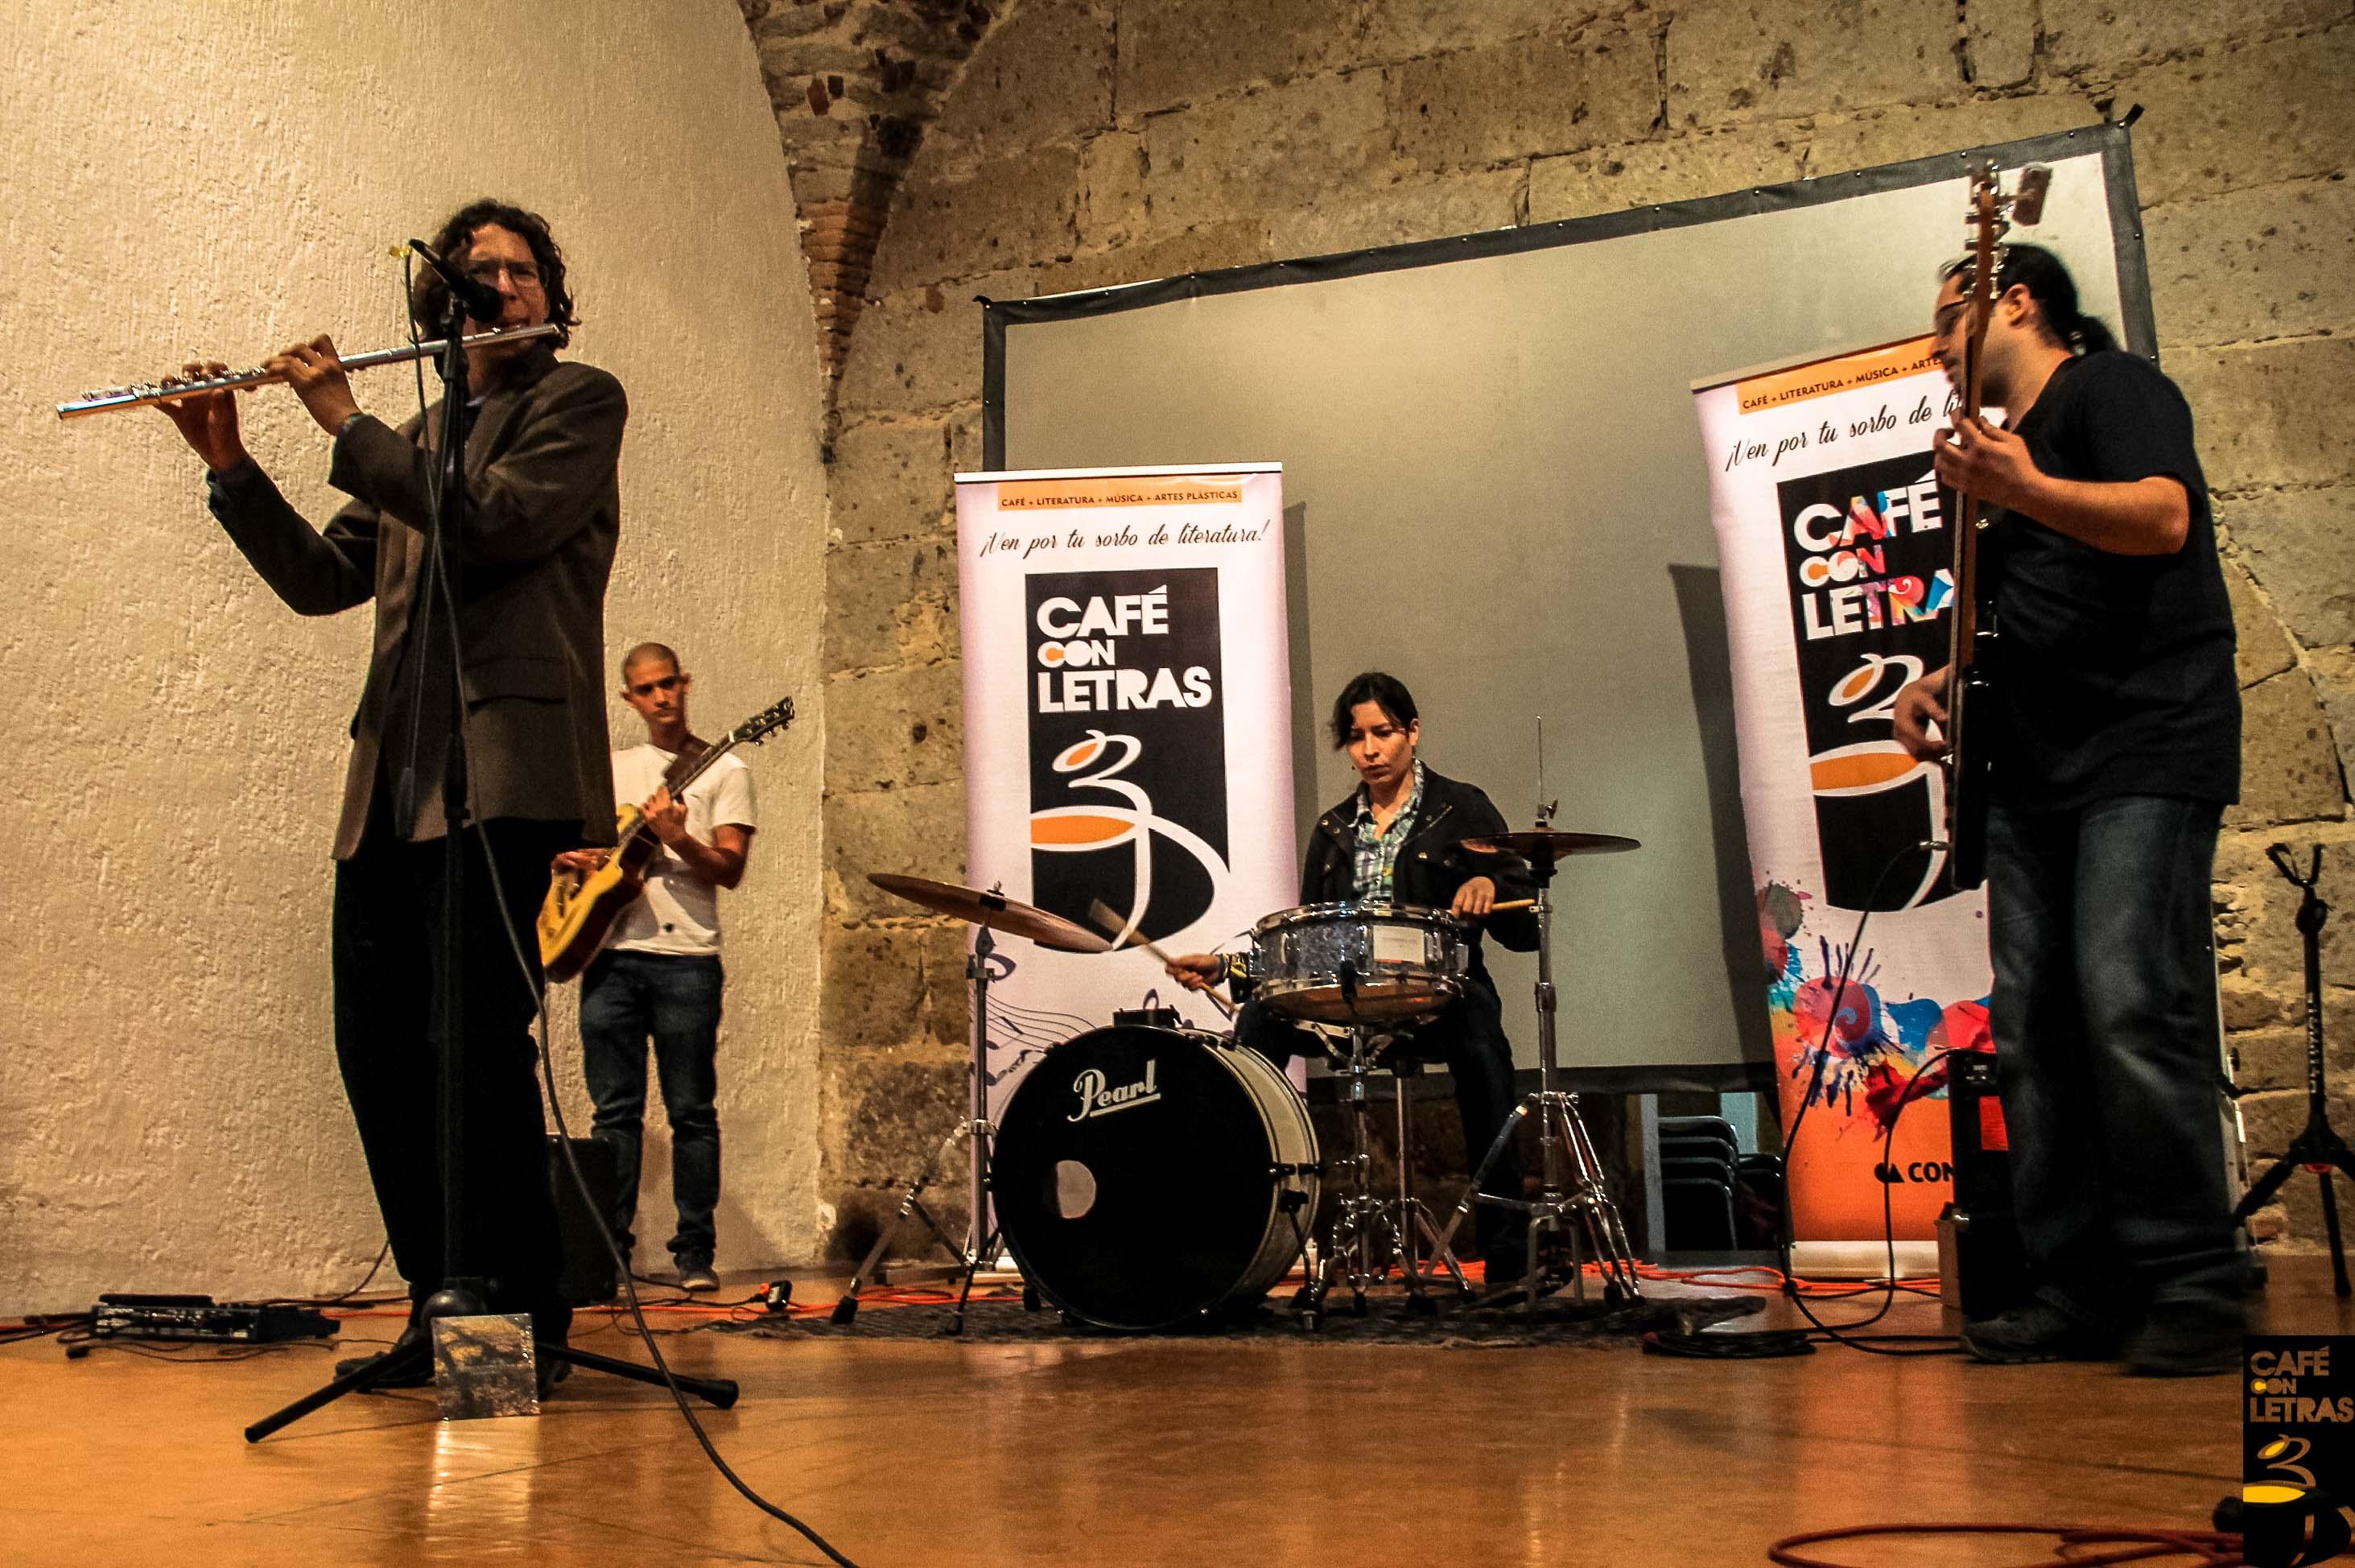 Literatura, música y pintura se unen en Café con Letras